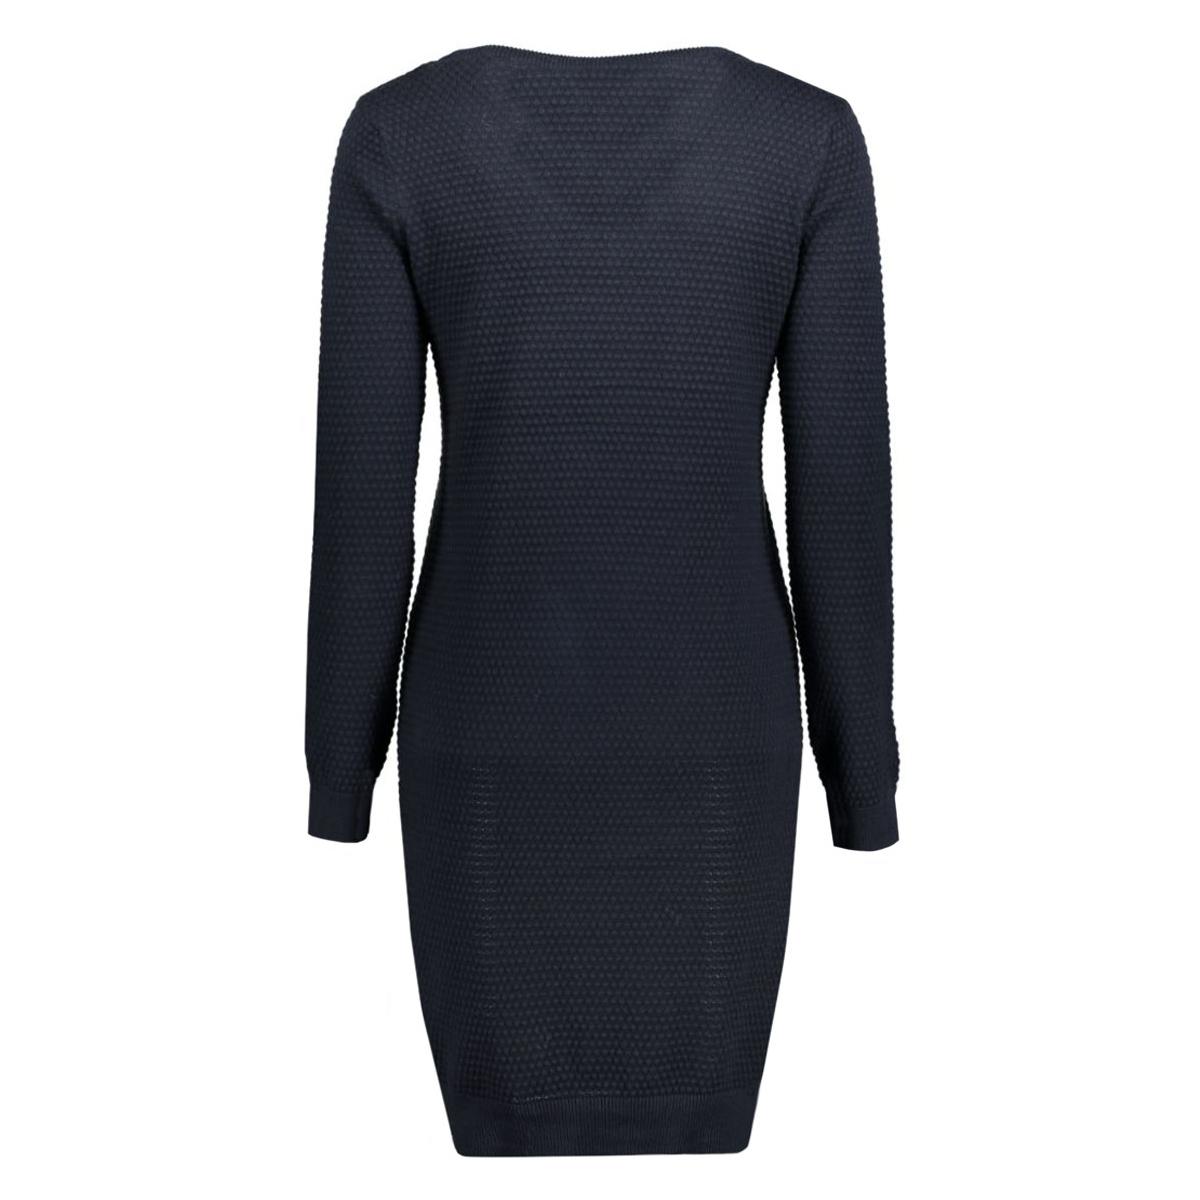 objbernice l/s knit dress 86 23022671 object jurk sky captain